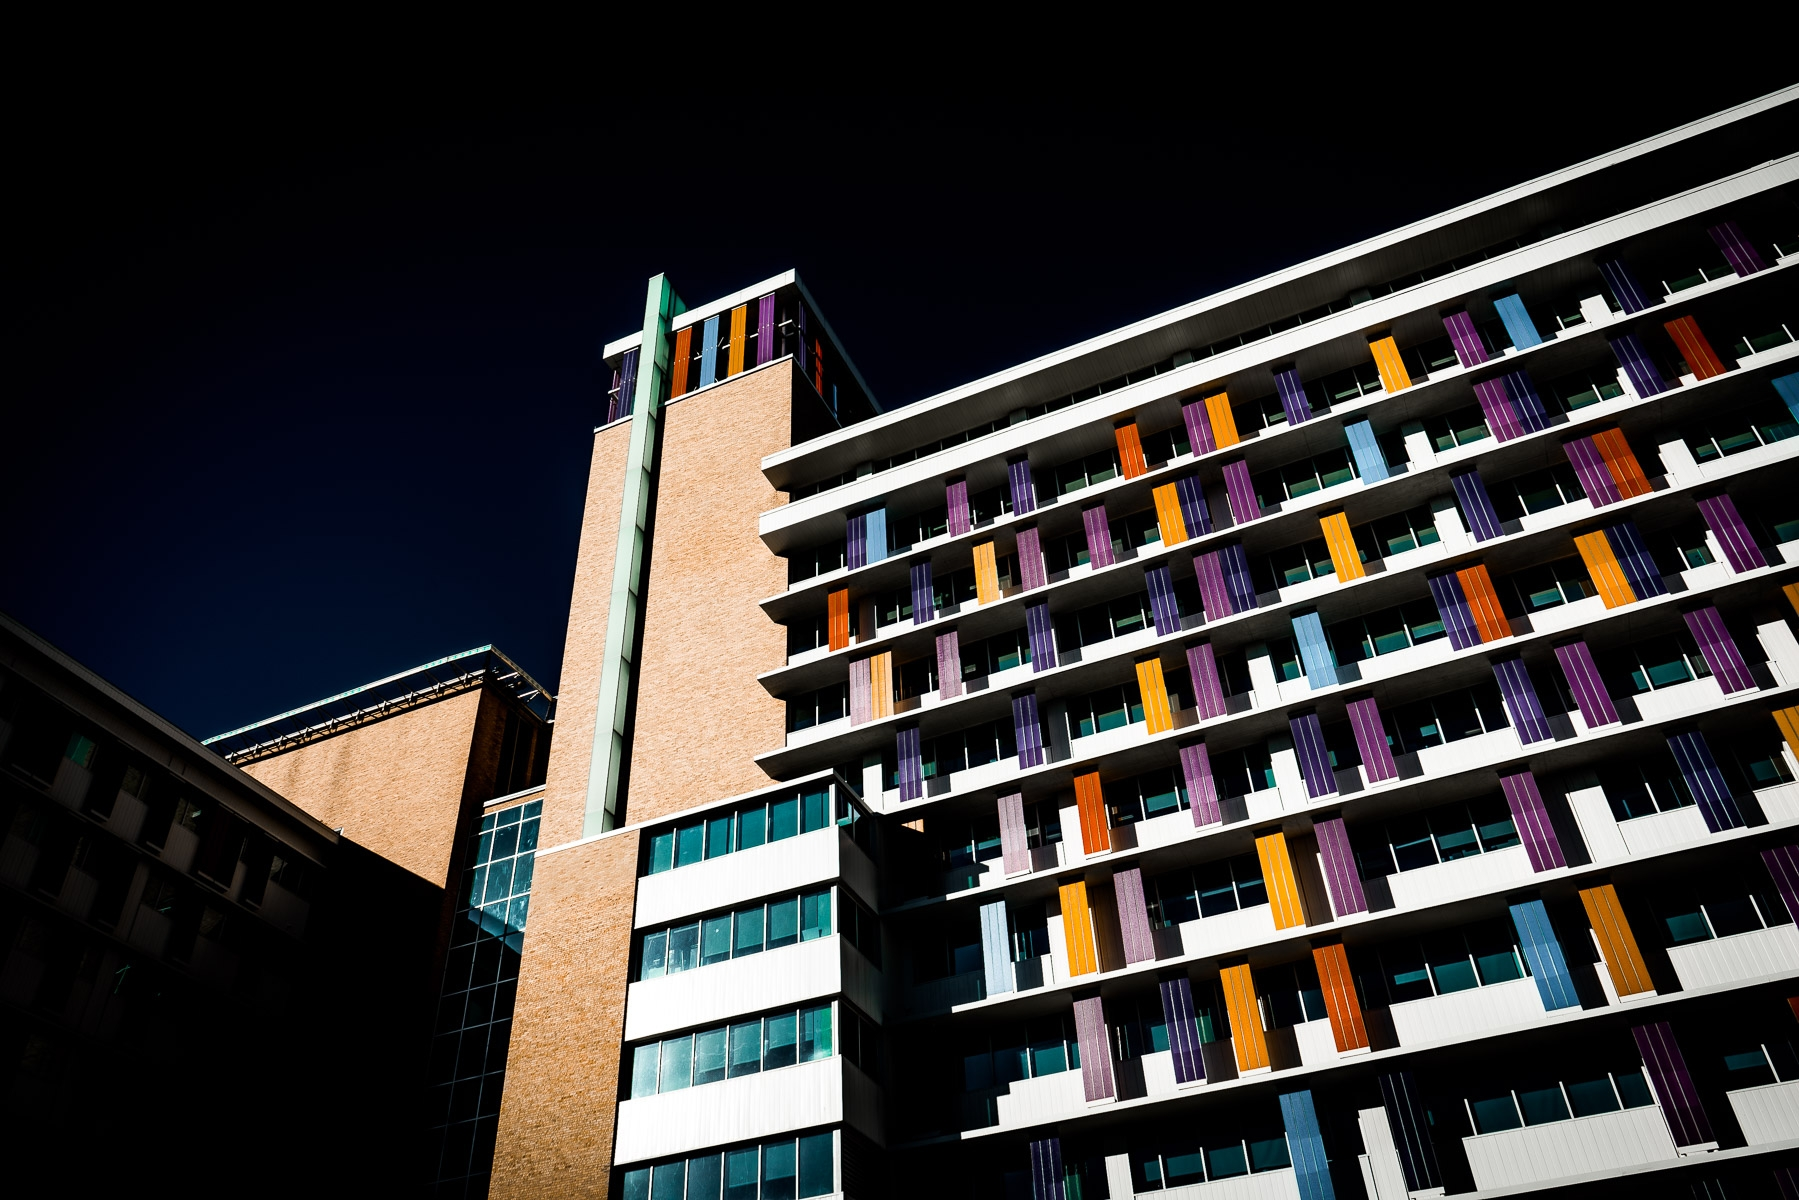 Color Darkness multi-colored fa - 75centralphotography   ello